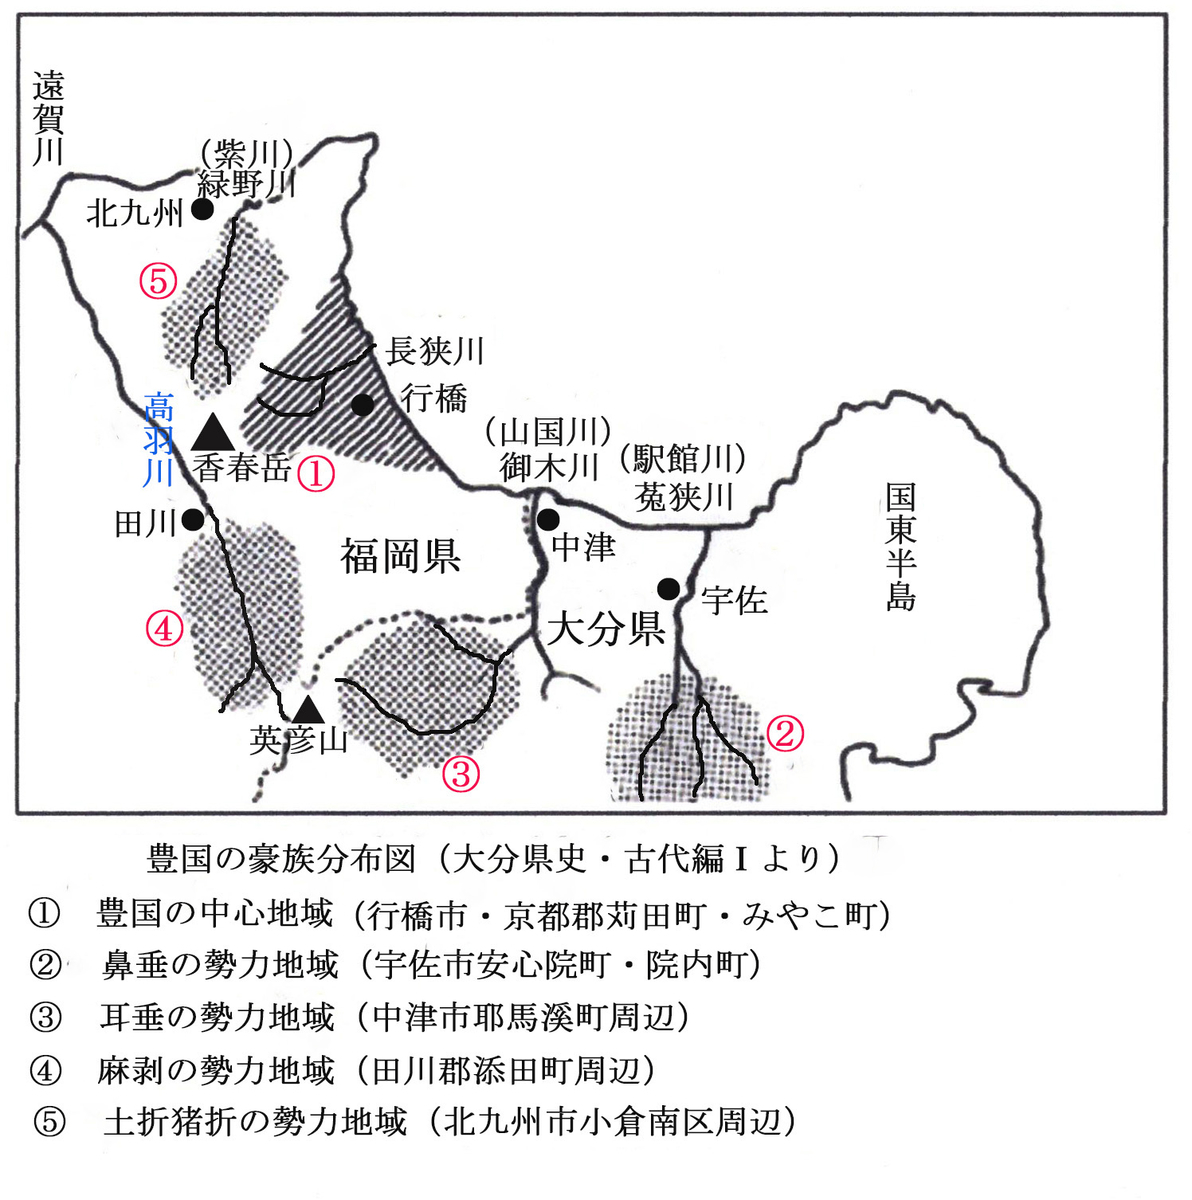 f:id:yakatohiko:20200710112937j:plain